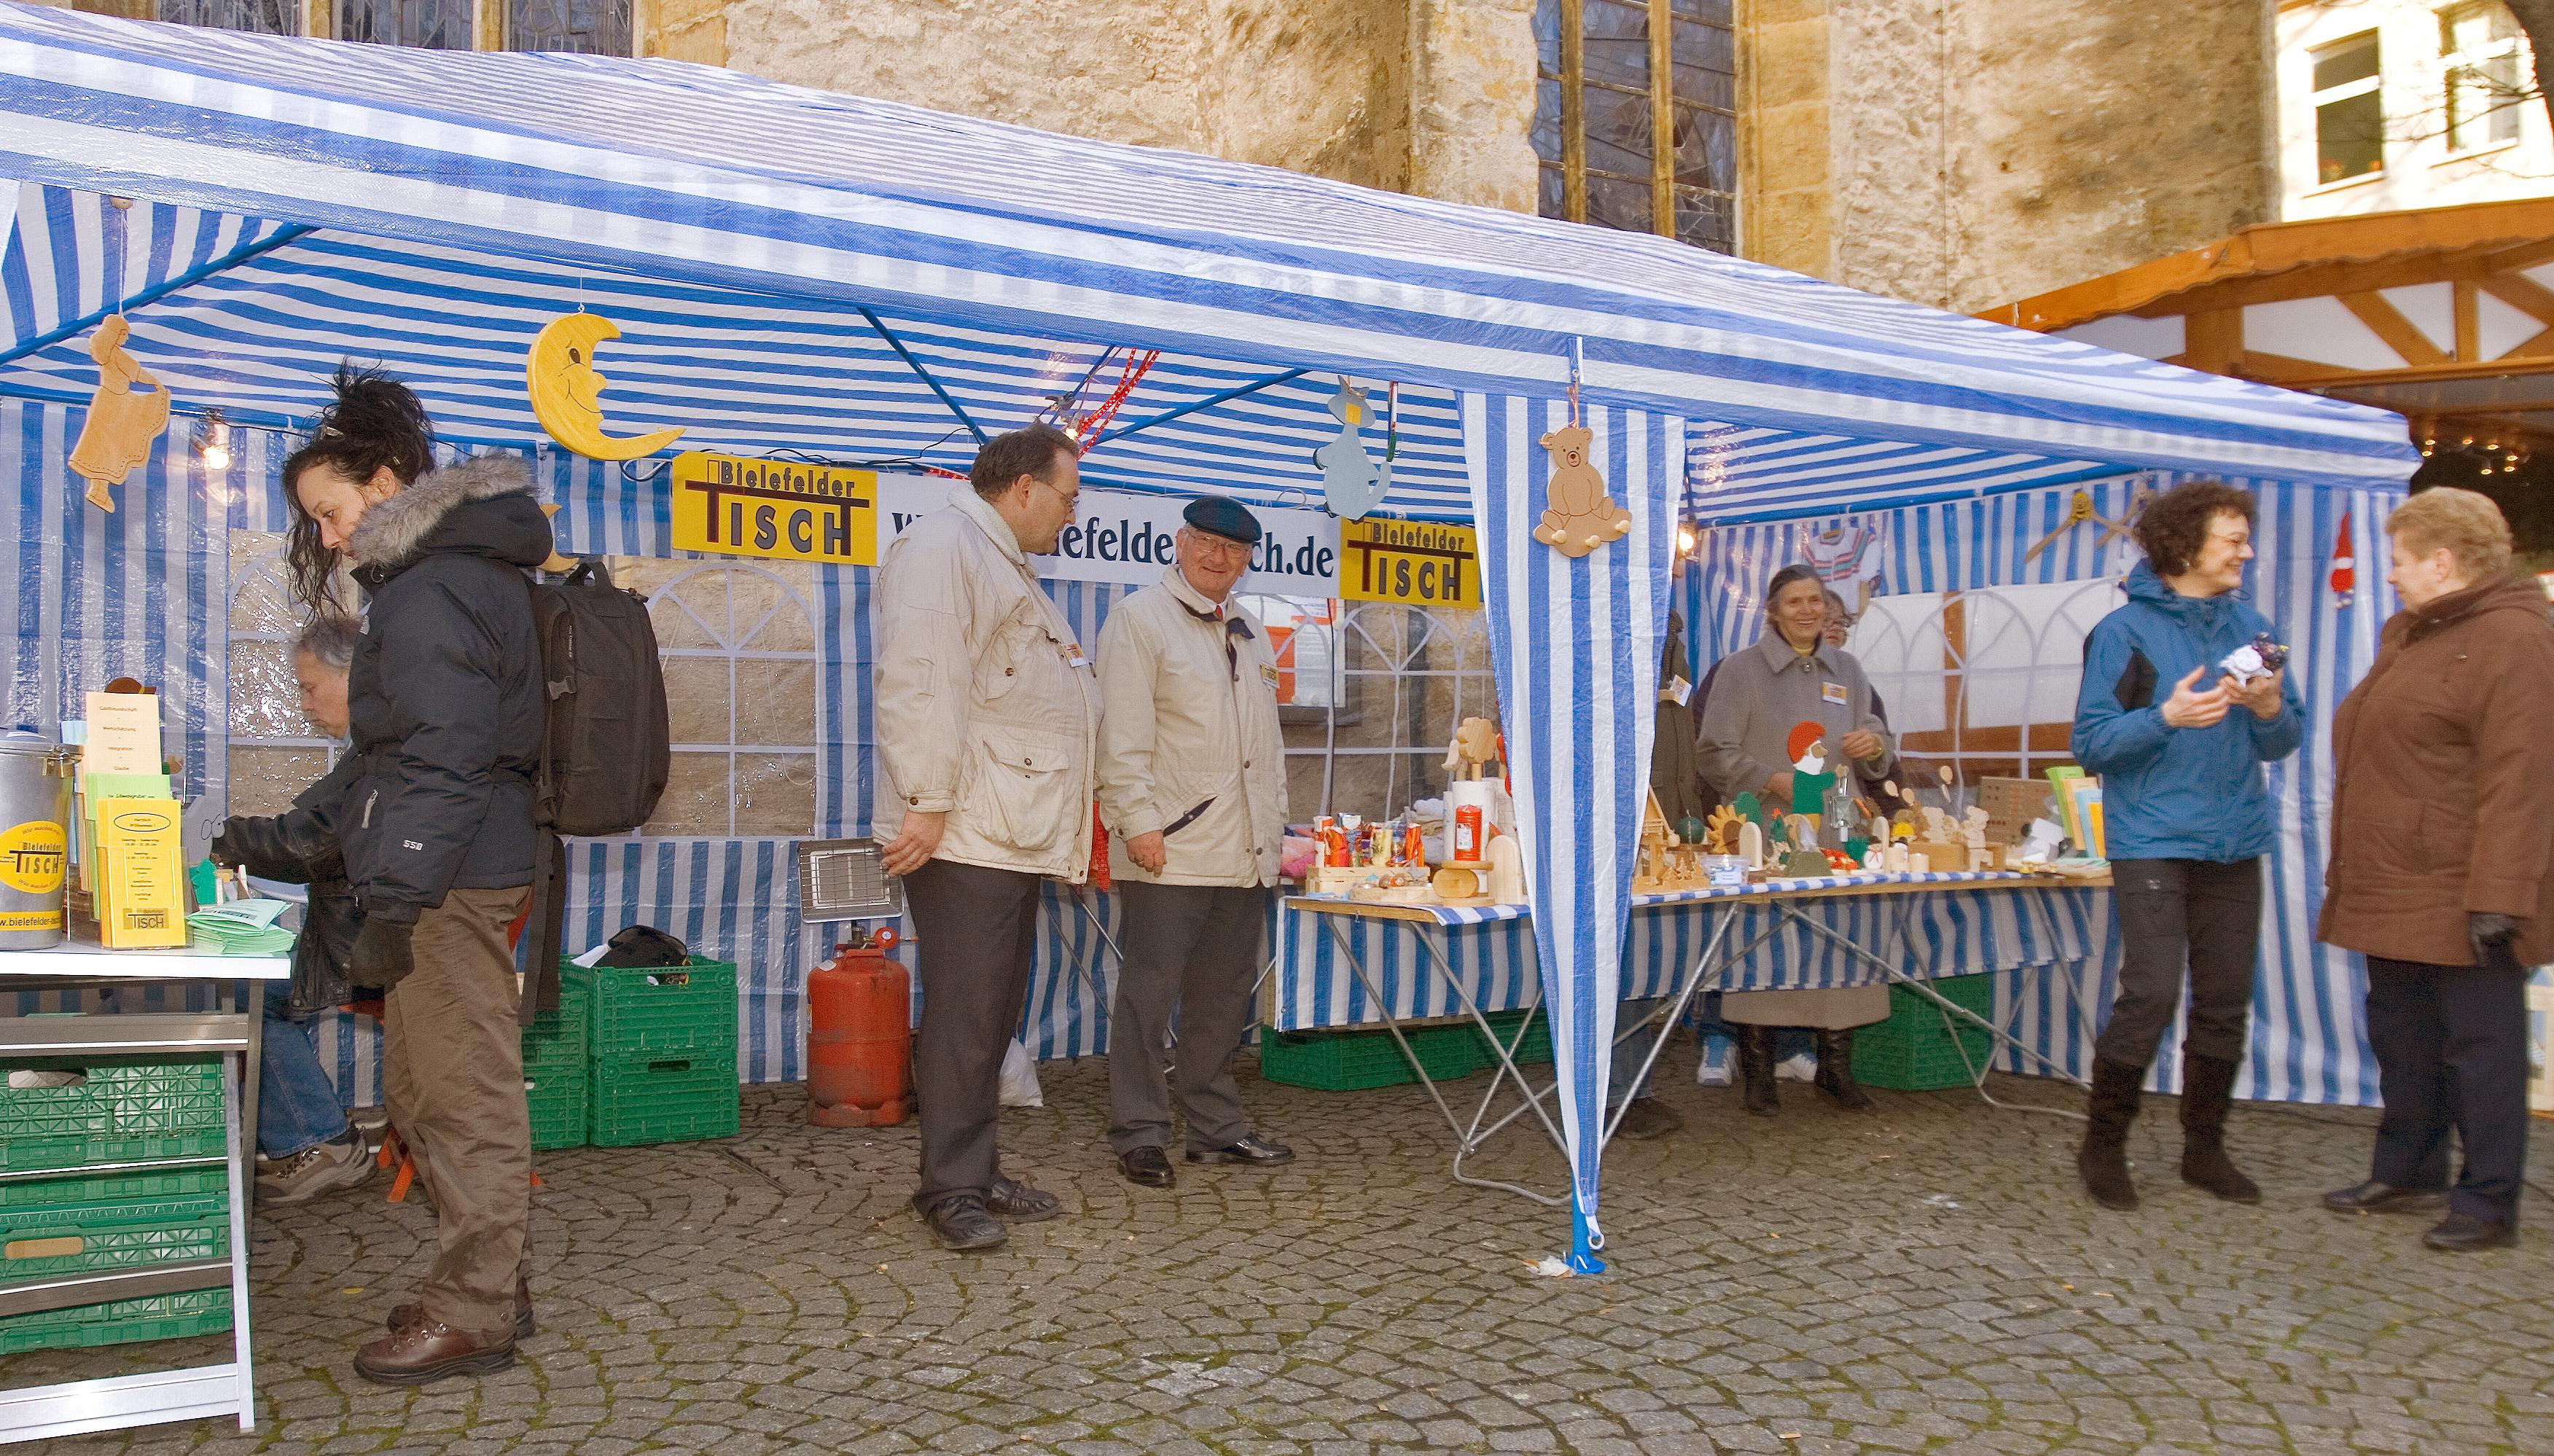 Bielefelder Weihnachtsmarkt.Sozialer Weihnachtsmarkt Bielefelder Tisch E V